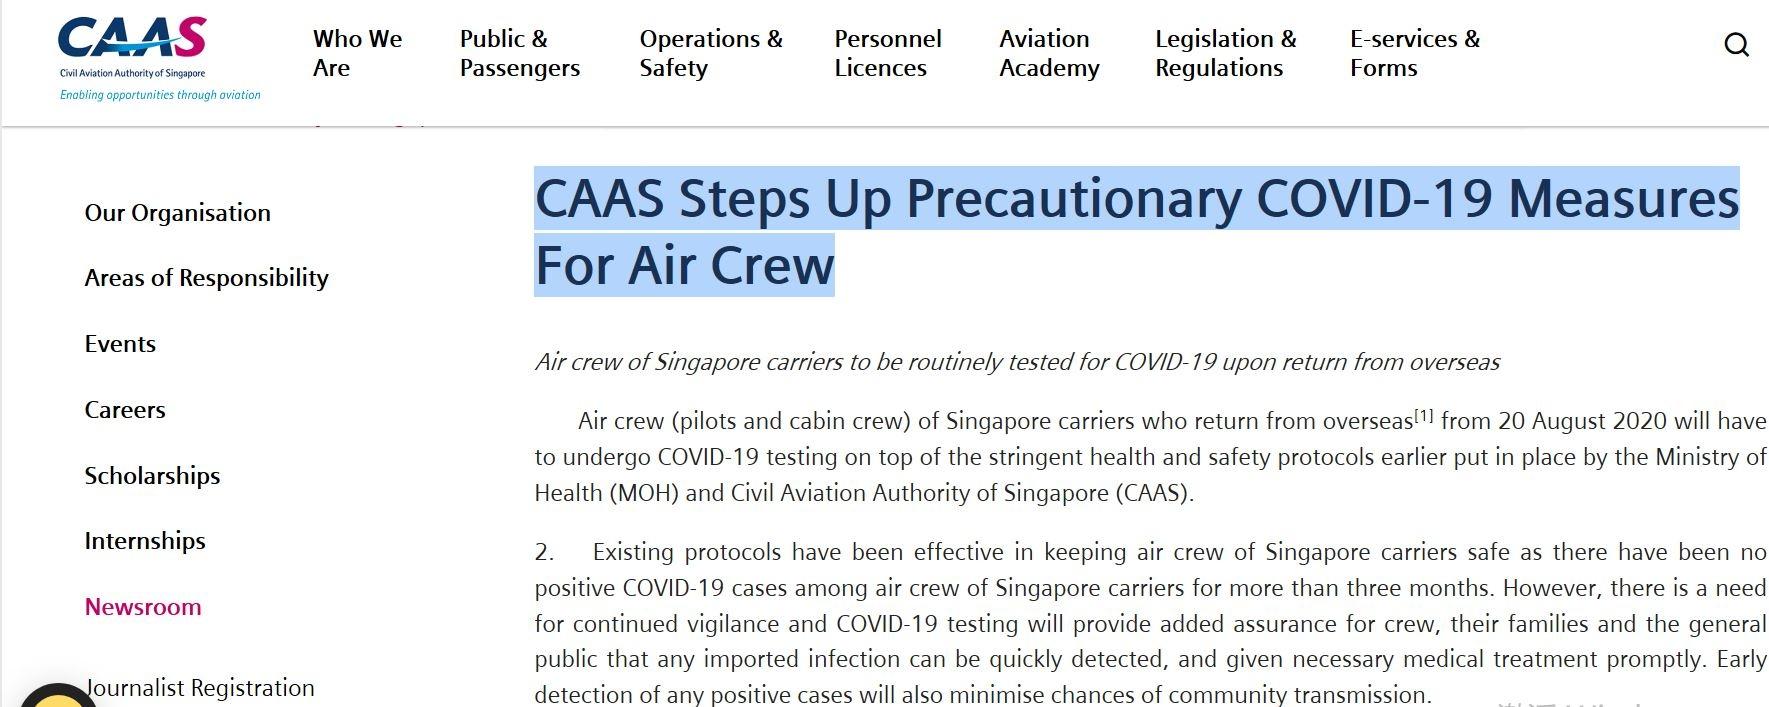 新加坡民航局:飞行员和空乘返新后须接受新冠检测